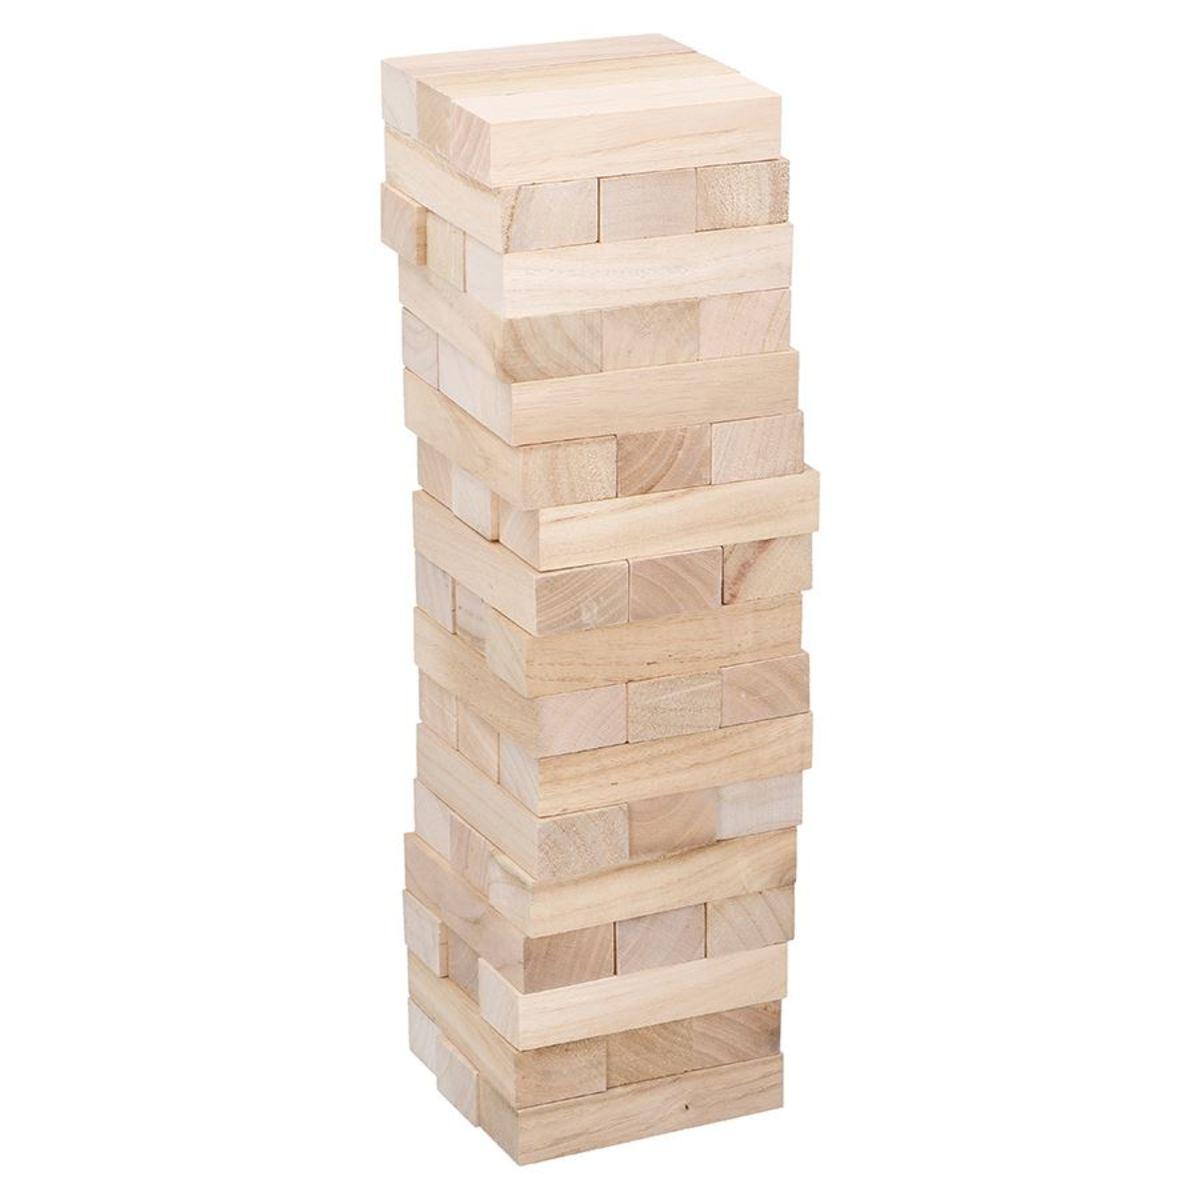 Bild 1 von Lifetime Games Holz-Stapelspiel 60-teilig